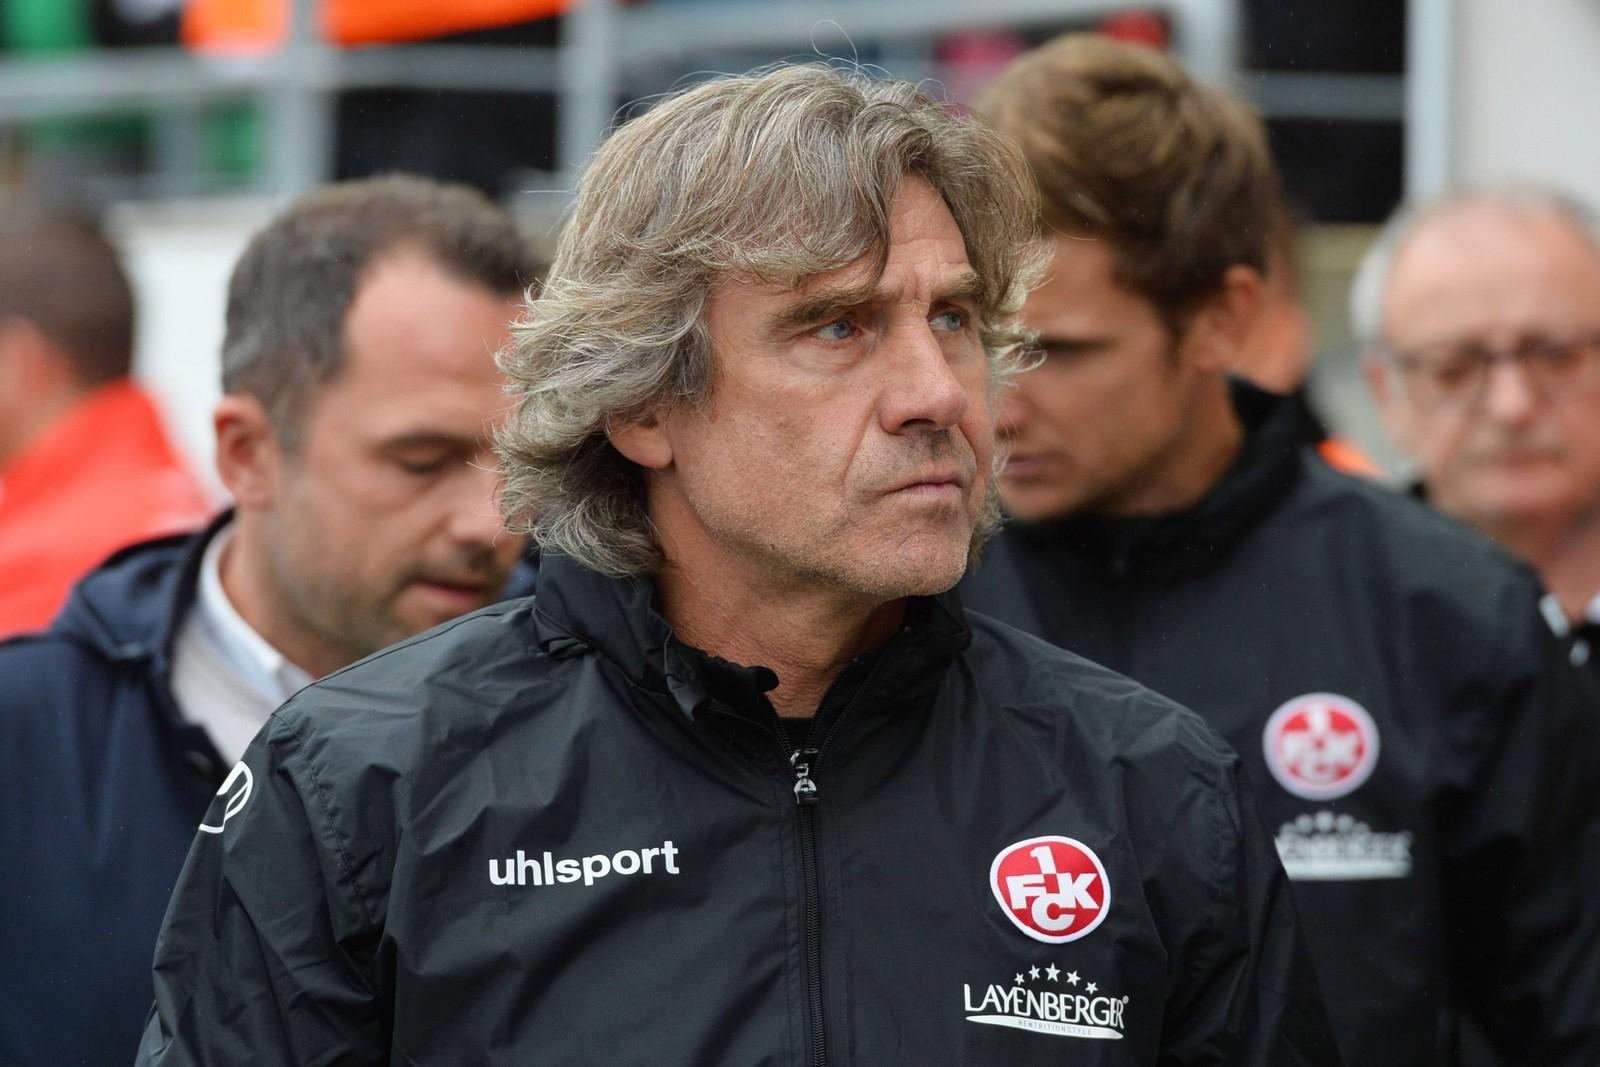 Gerry Ehrmann ist Torwartrainer beim 1. FCK